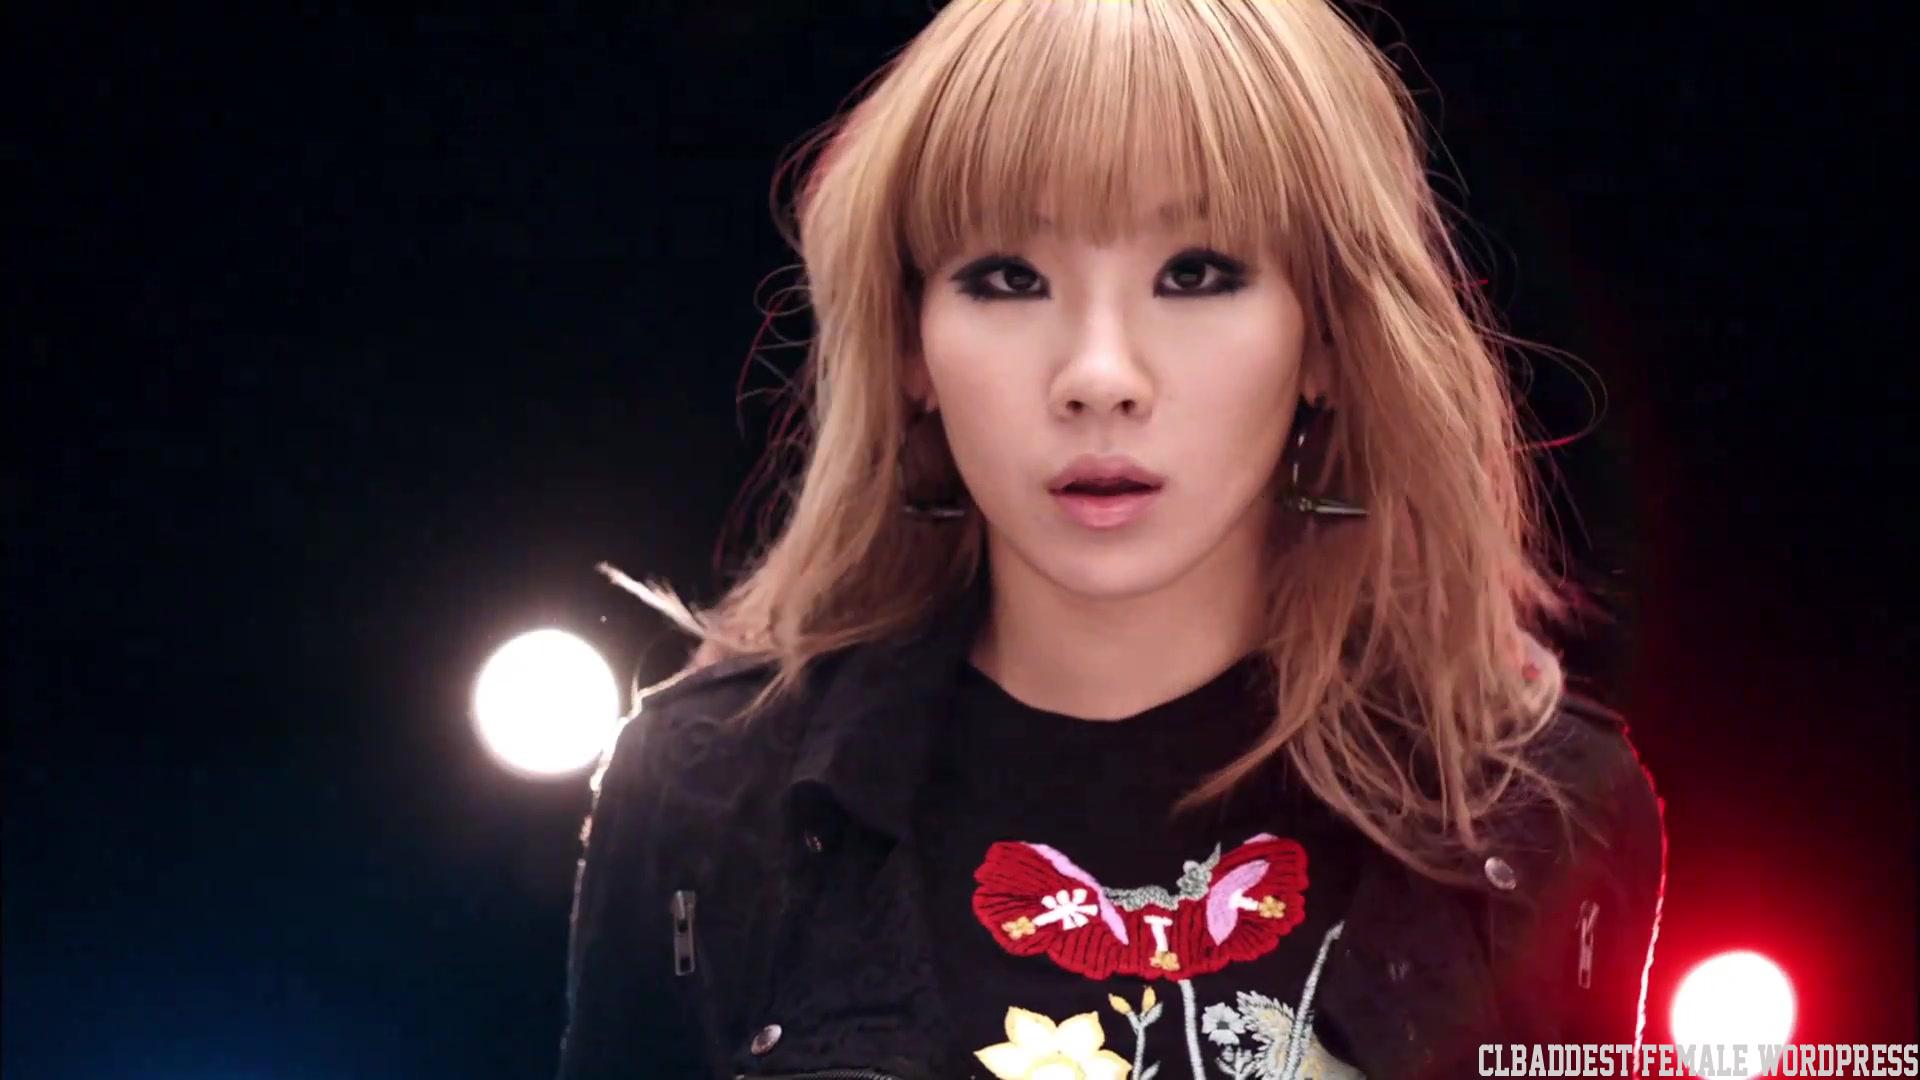 The Baddest Female - Lee Chae-rin Photo (29439636) - Fanpop